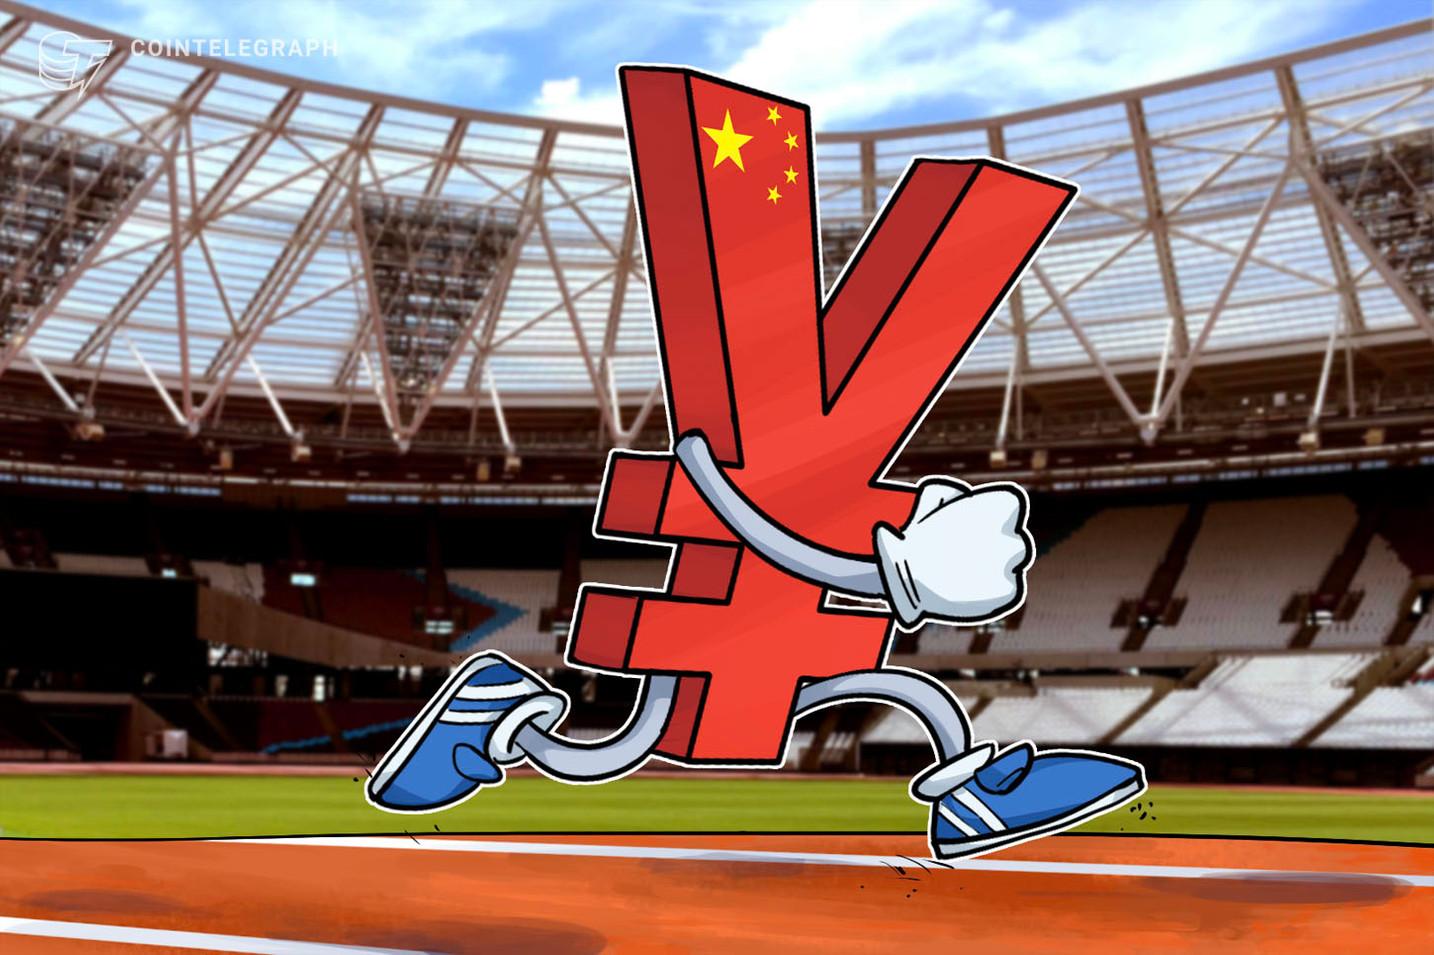 Informe: Libra vinculada a las principales divisas, quizás no al yuan